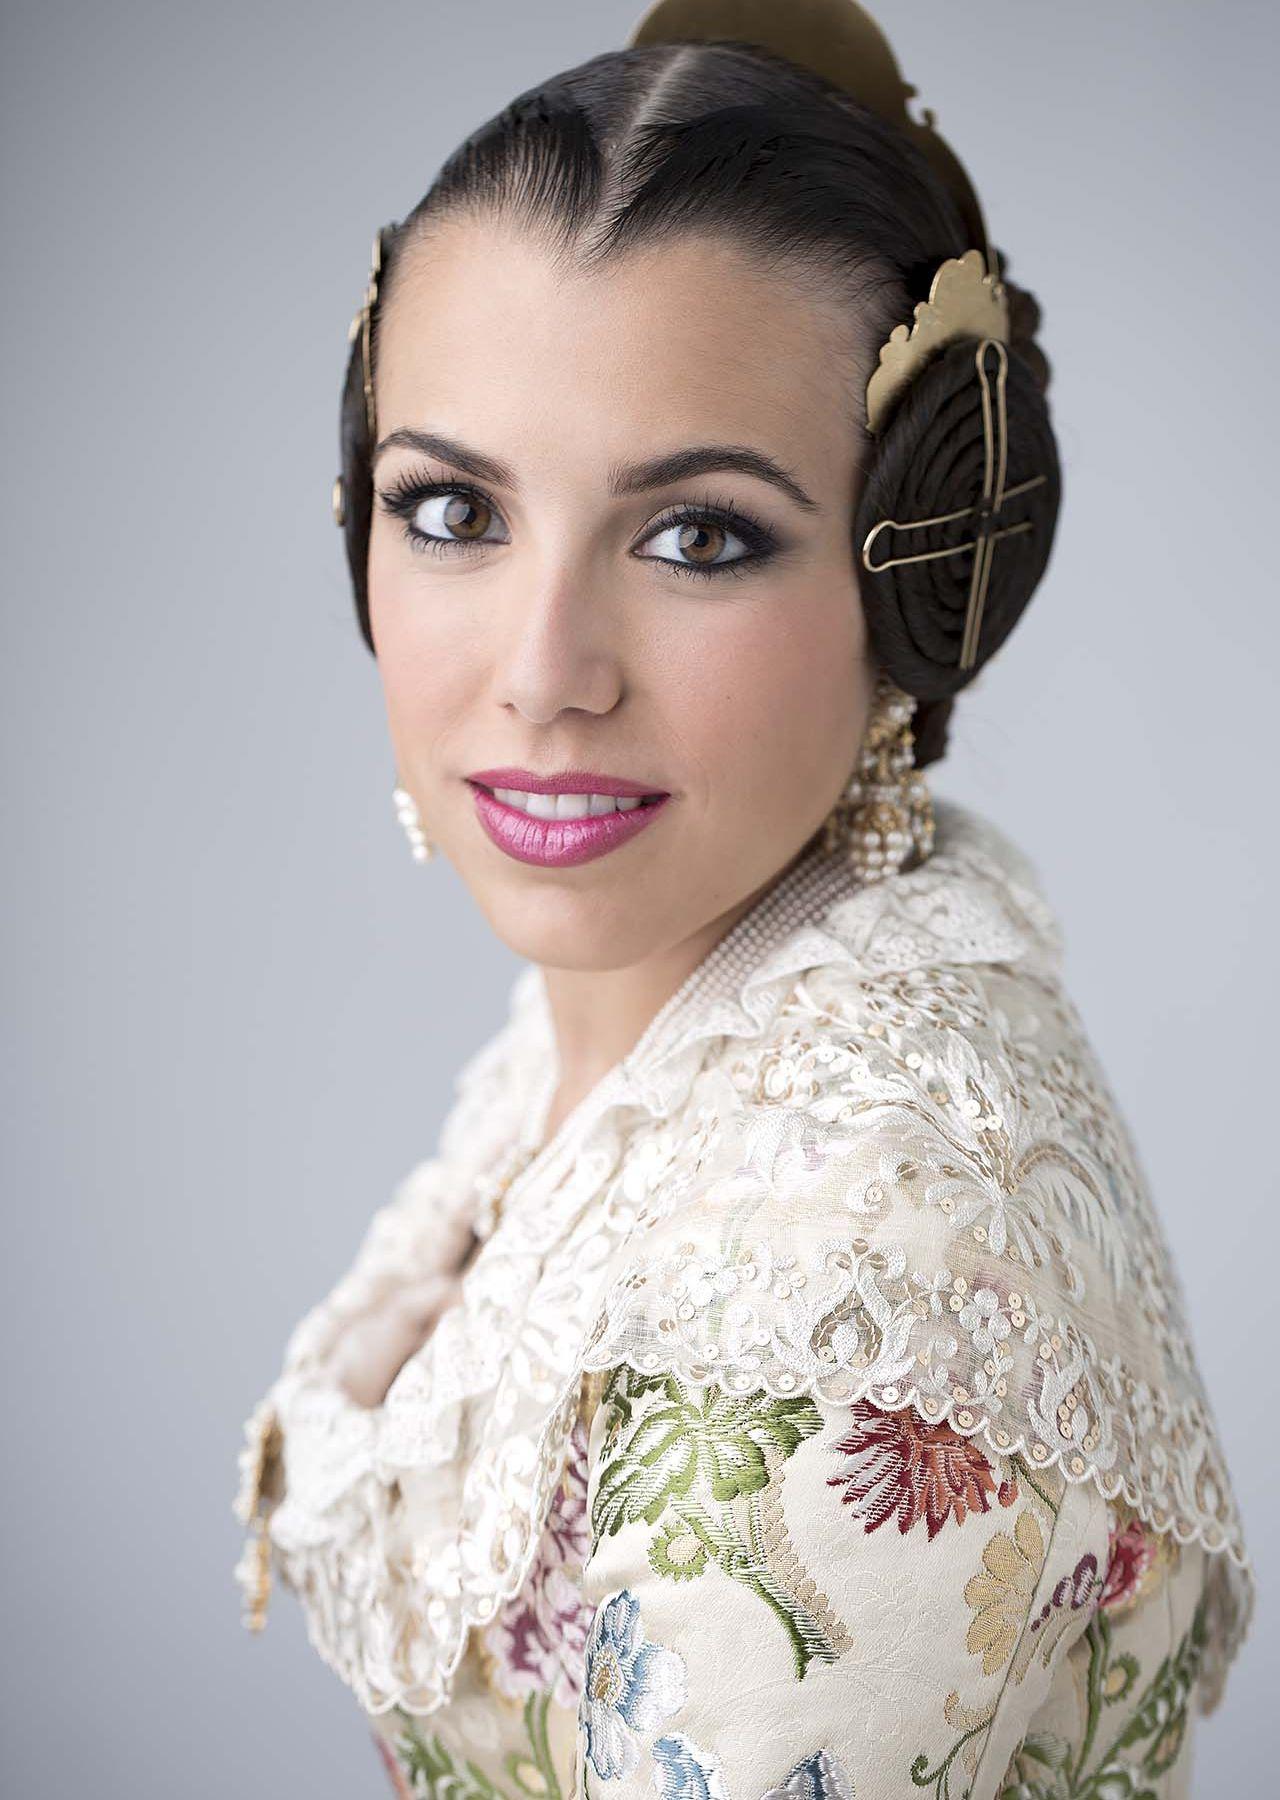 Celia Maria Garcia Palanca